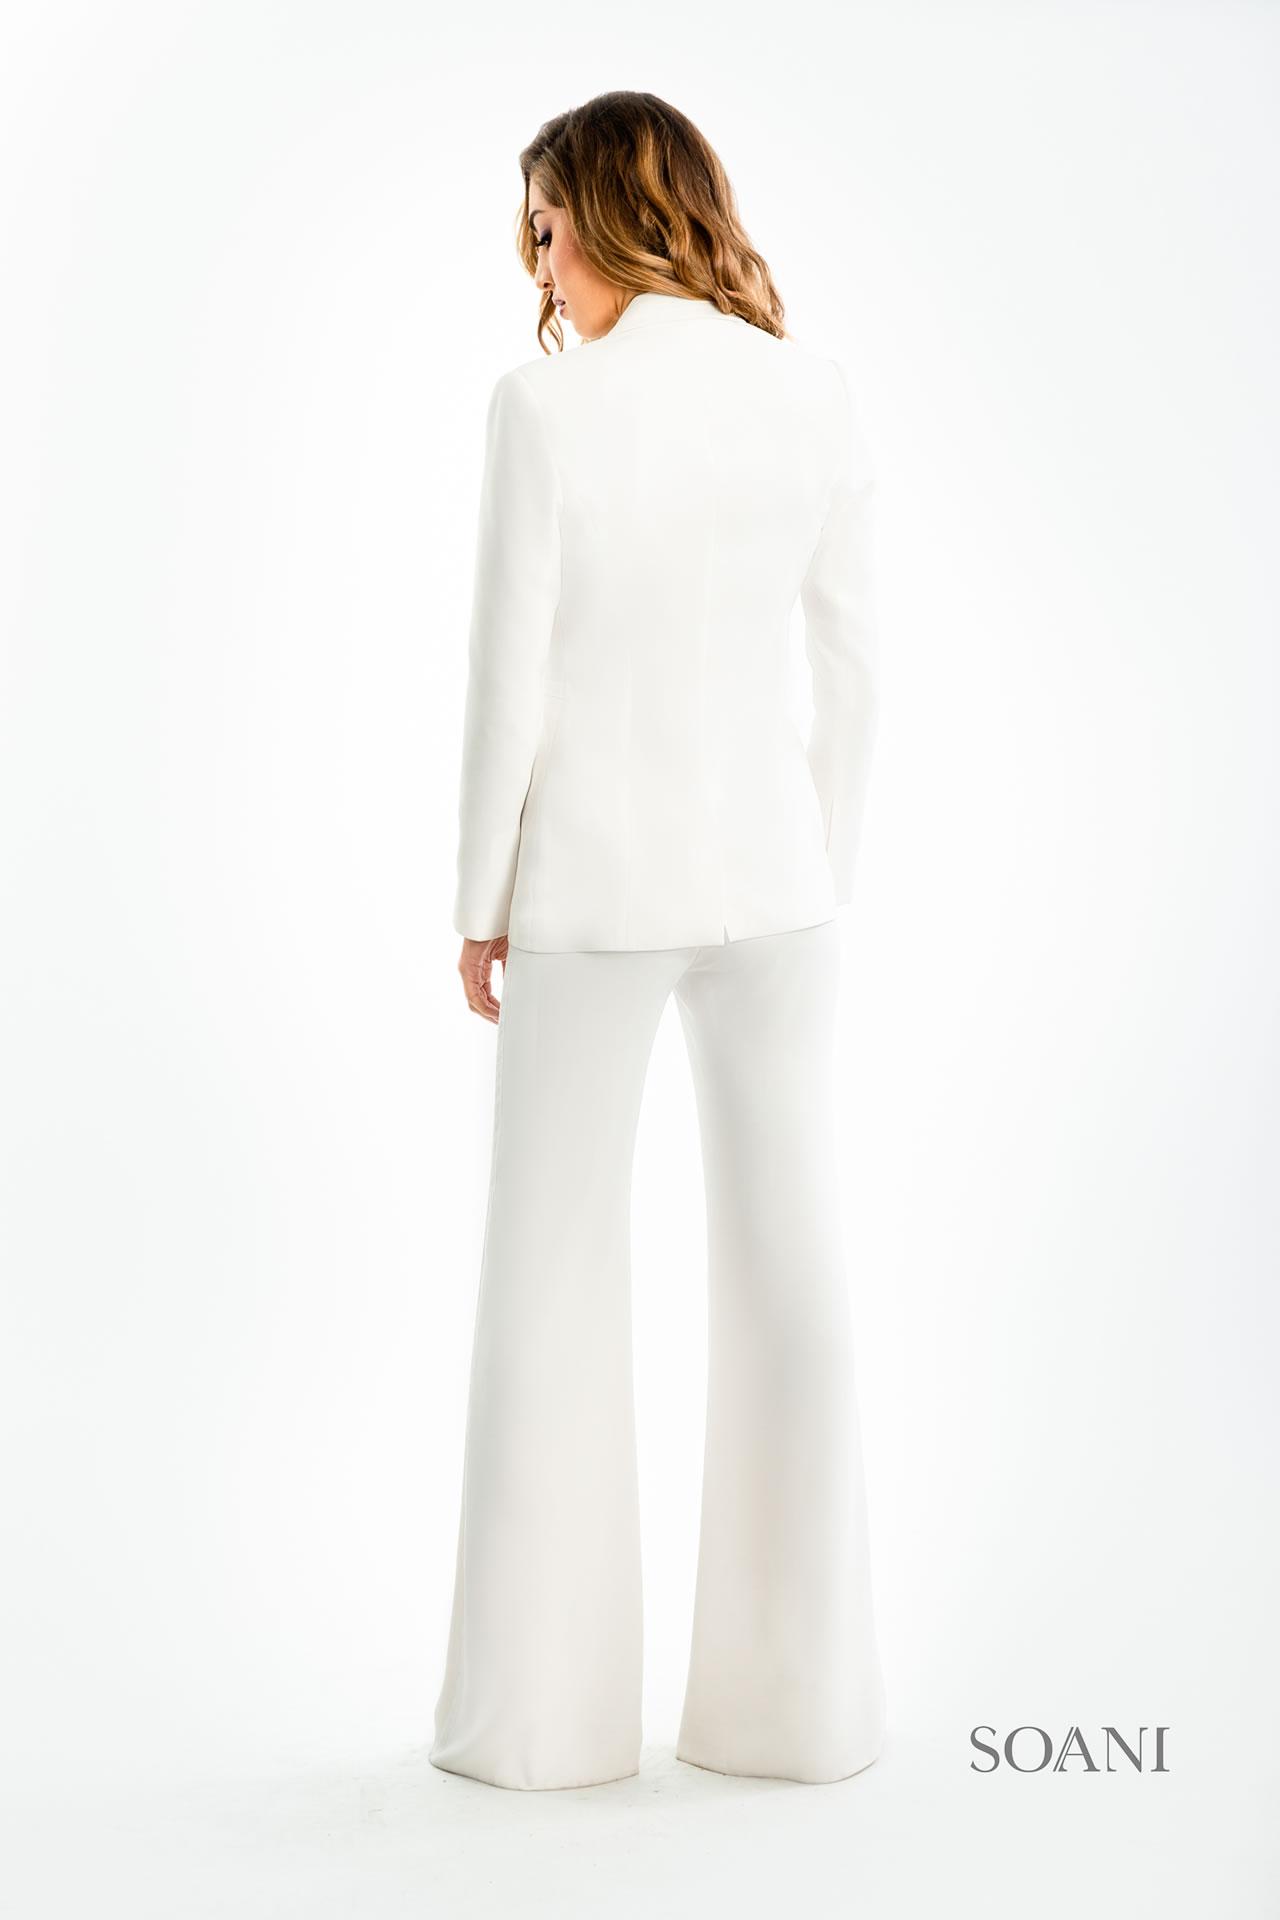 402101 - Giacca + Pantalone